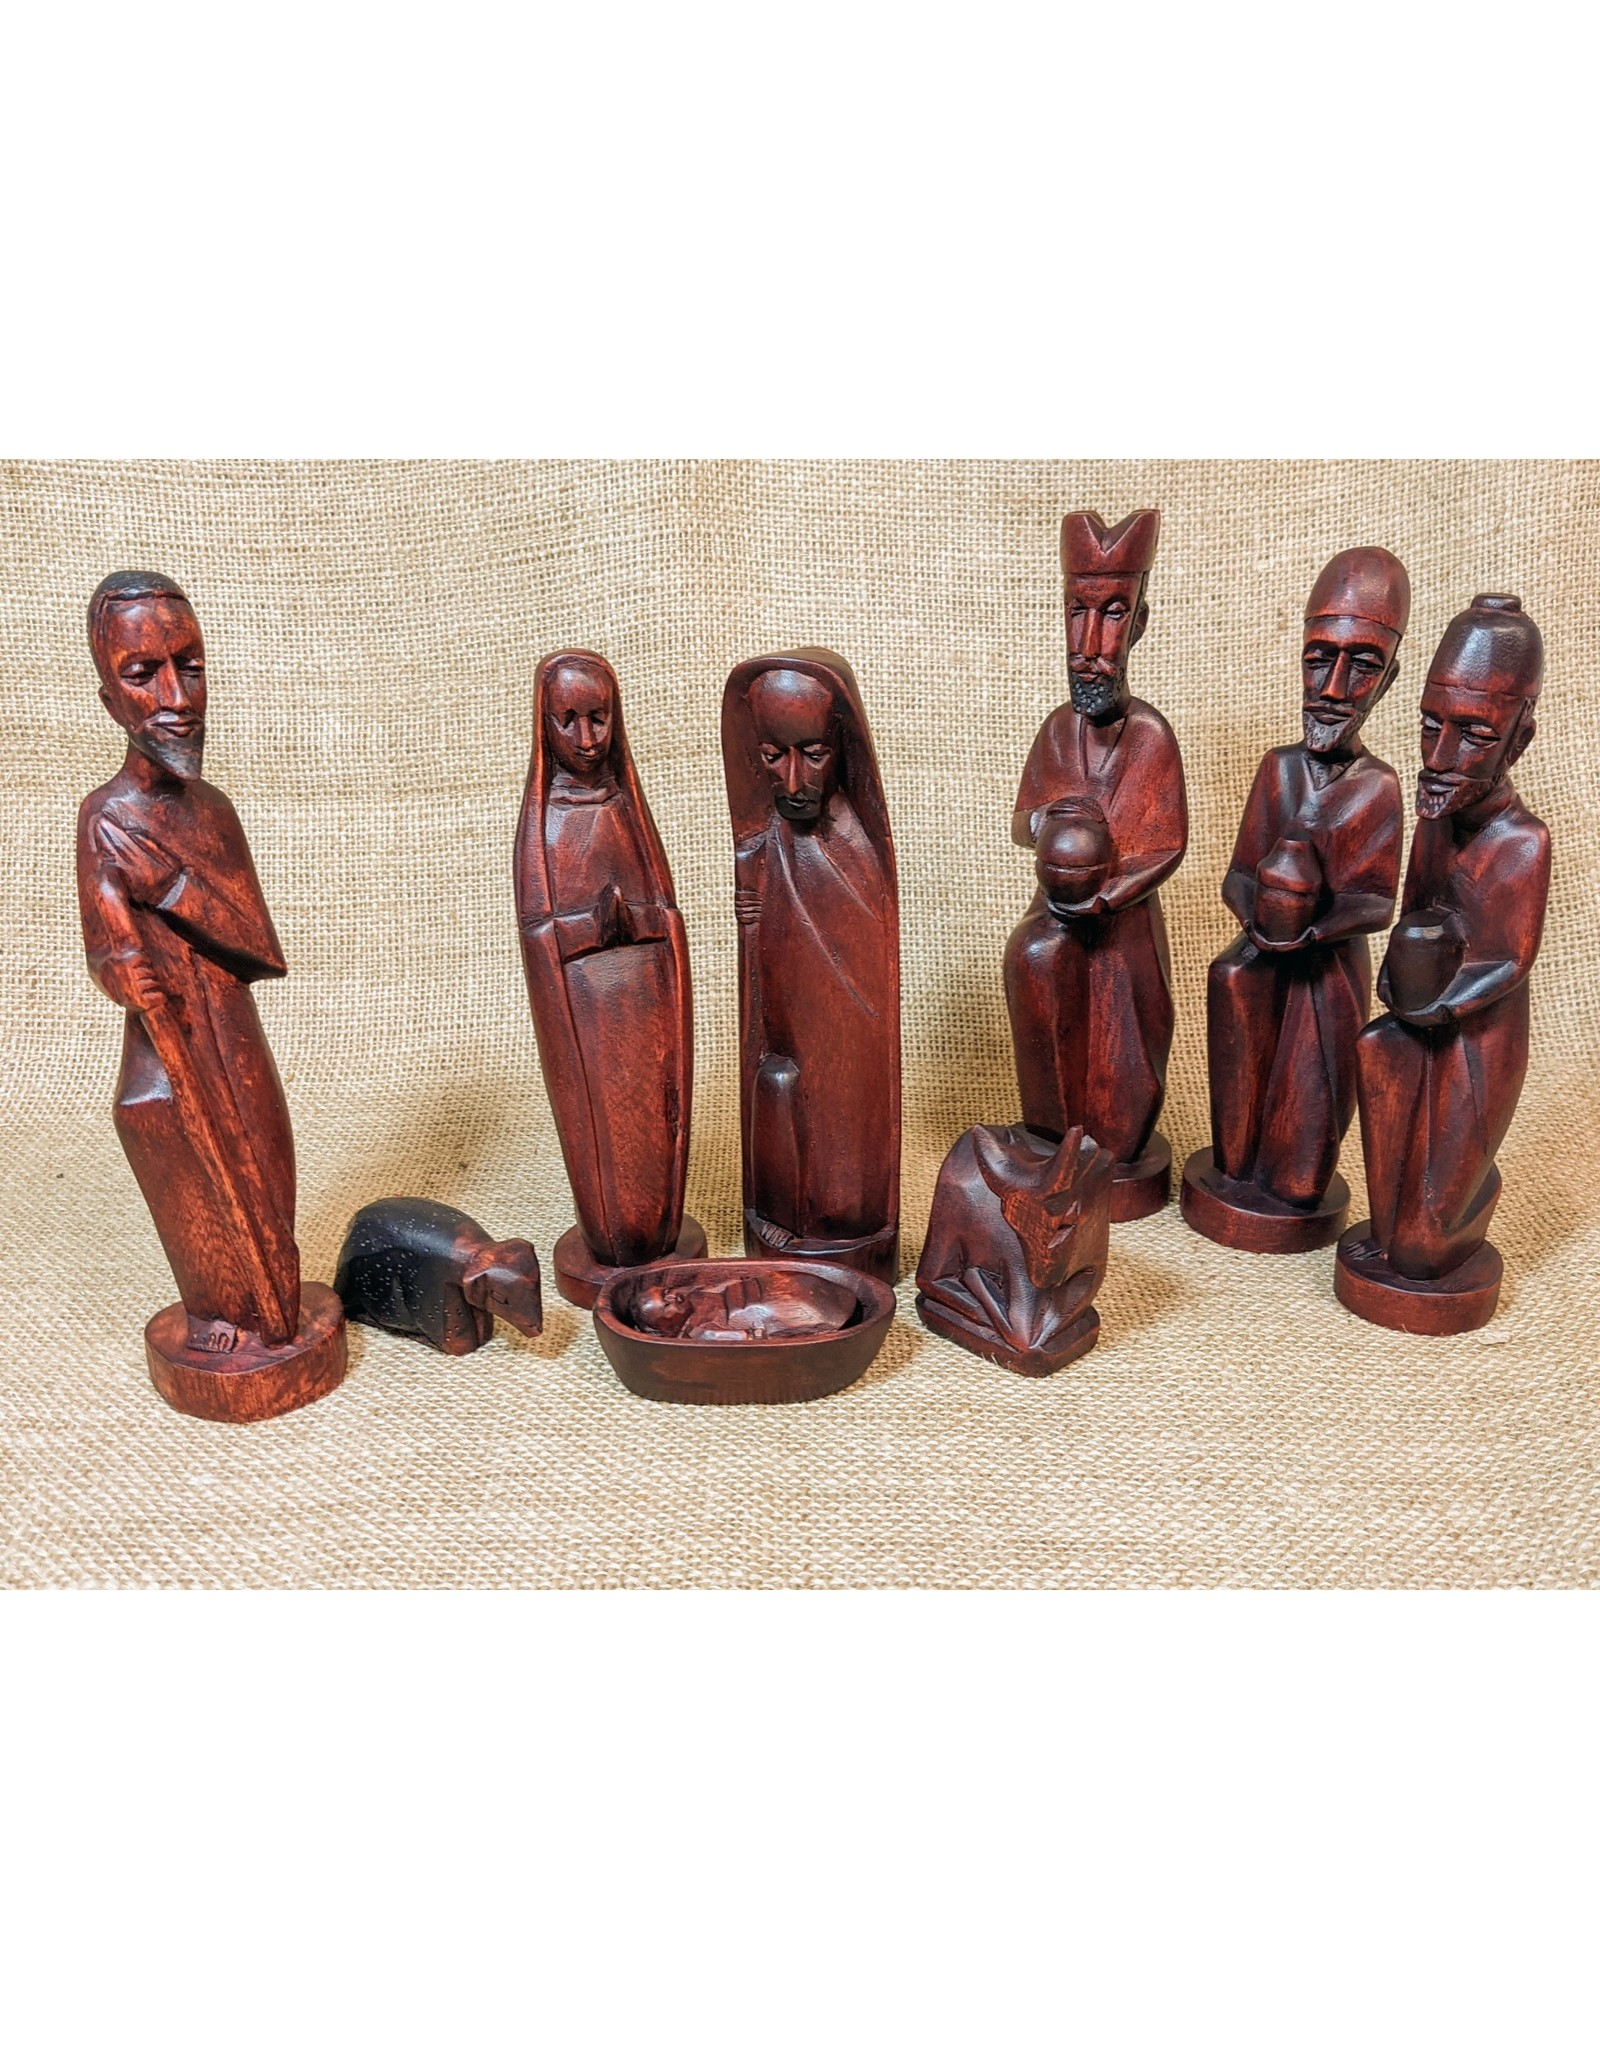 Soko Home Carved Nativity, Mahogany finish. Rwanda